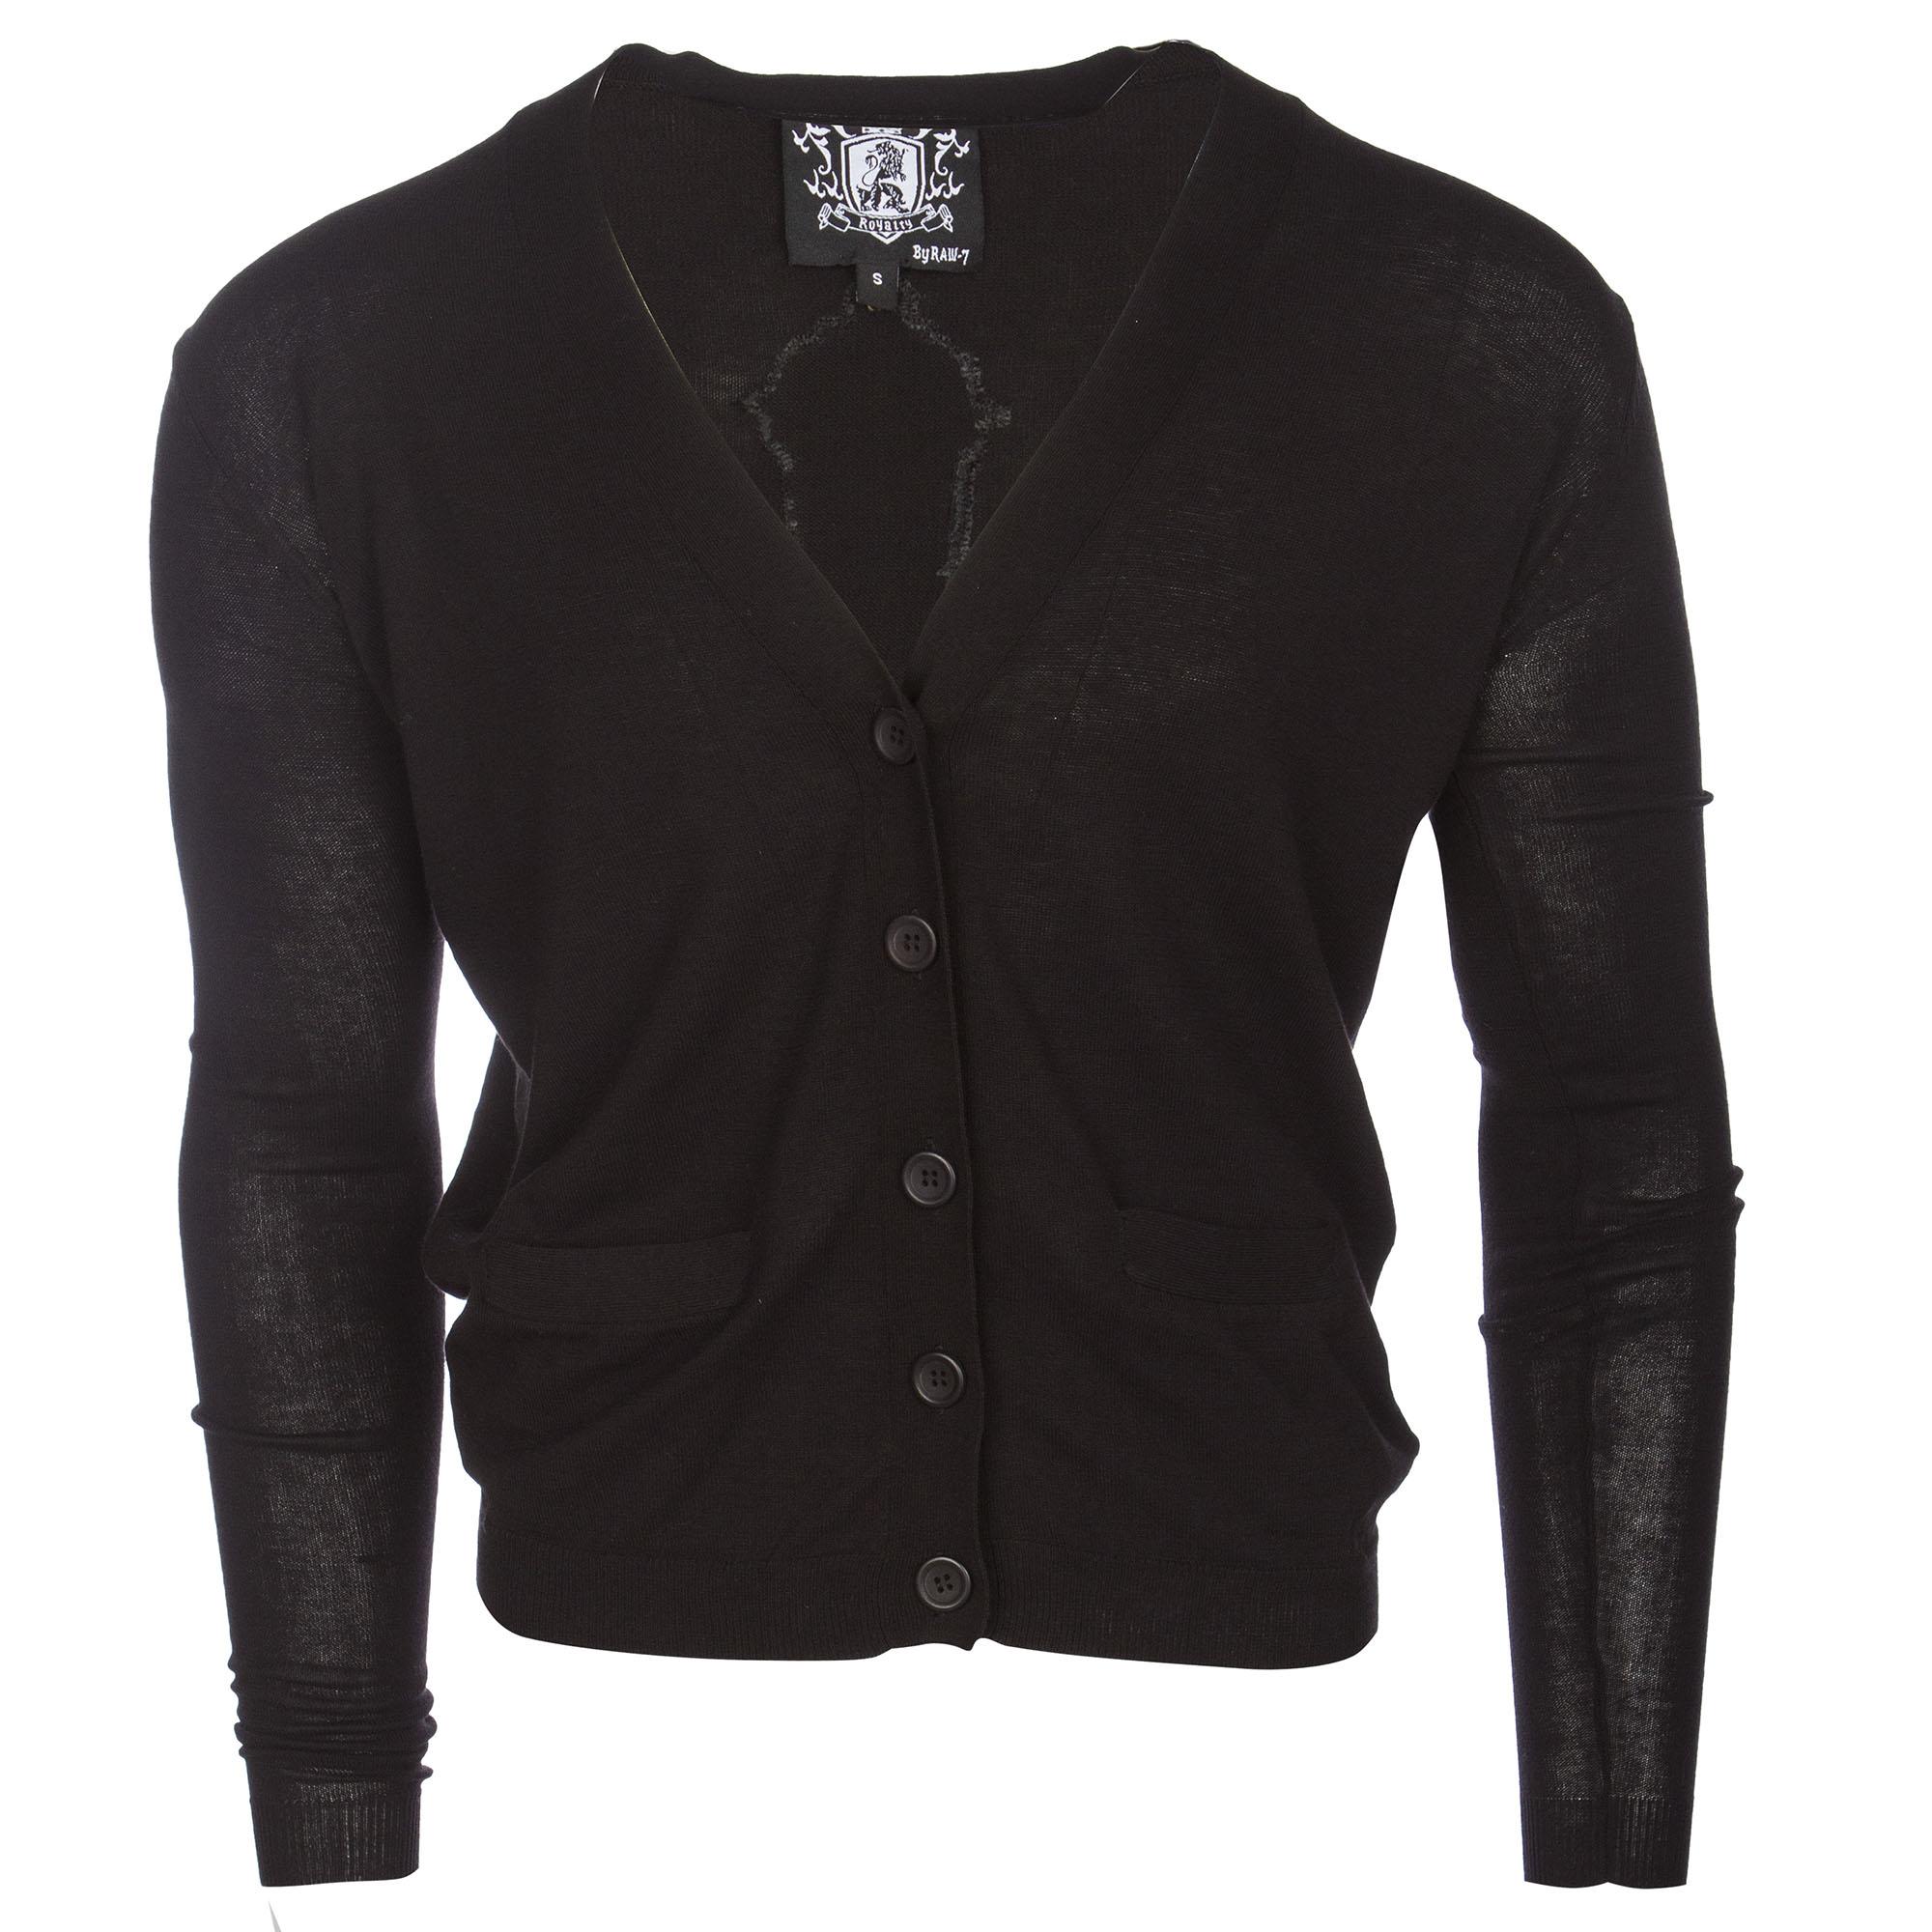 RAW 7 Y08A01S-BLACK Royalty by Raw7 Men's Black Cardigan Eagles Design